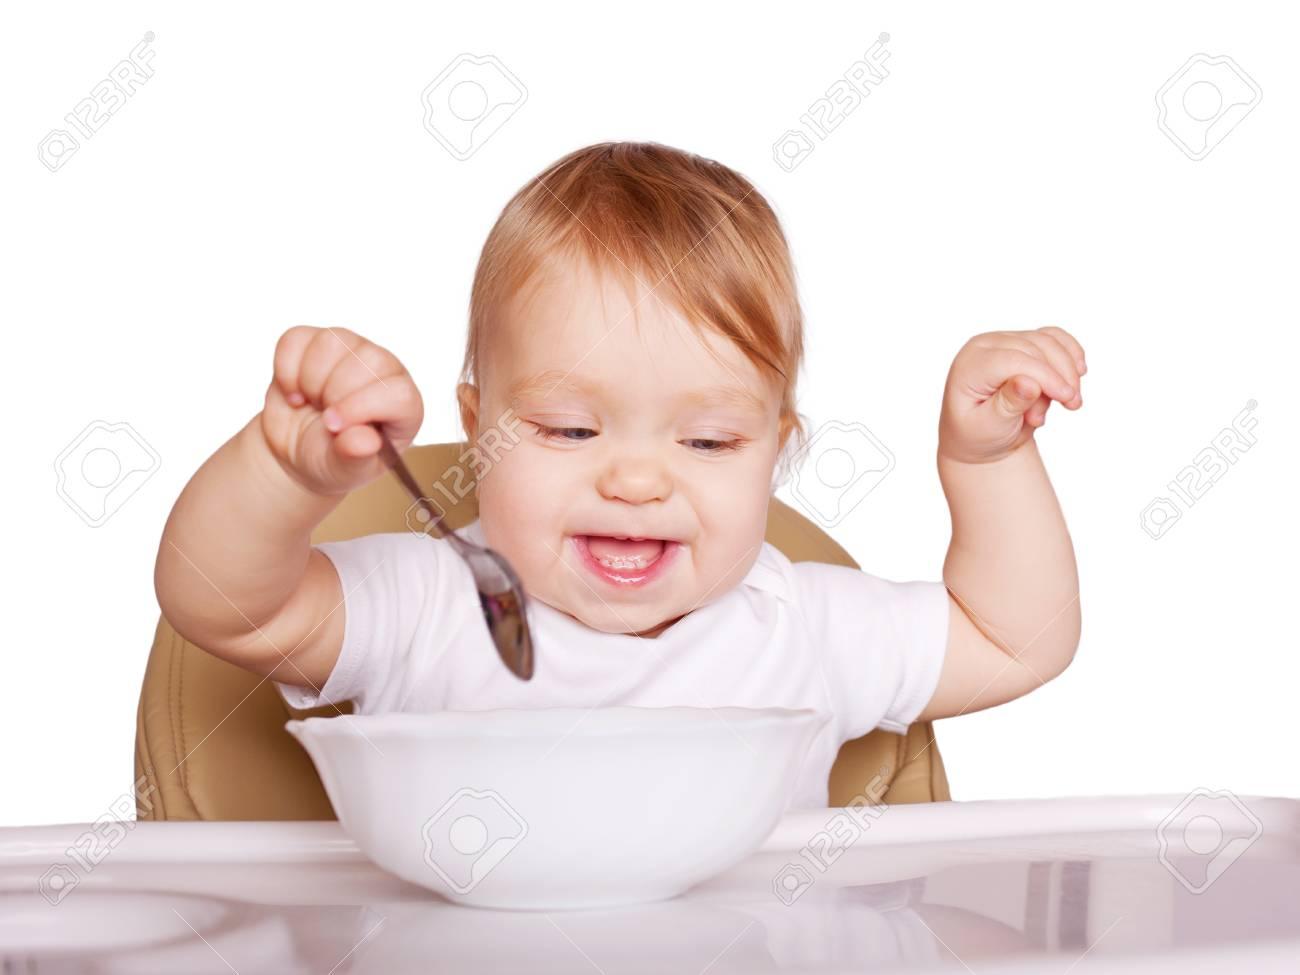 Baby Zitten Stoel.Funny Baby Eten Met Lepel En Zitten In Een Hoge Stoel Voor Het